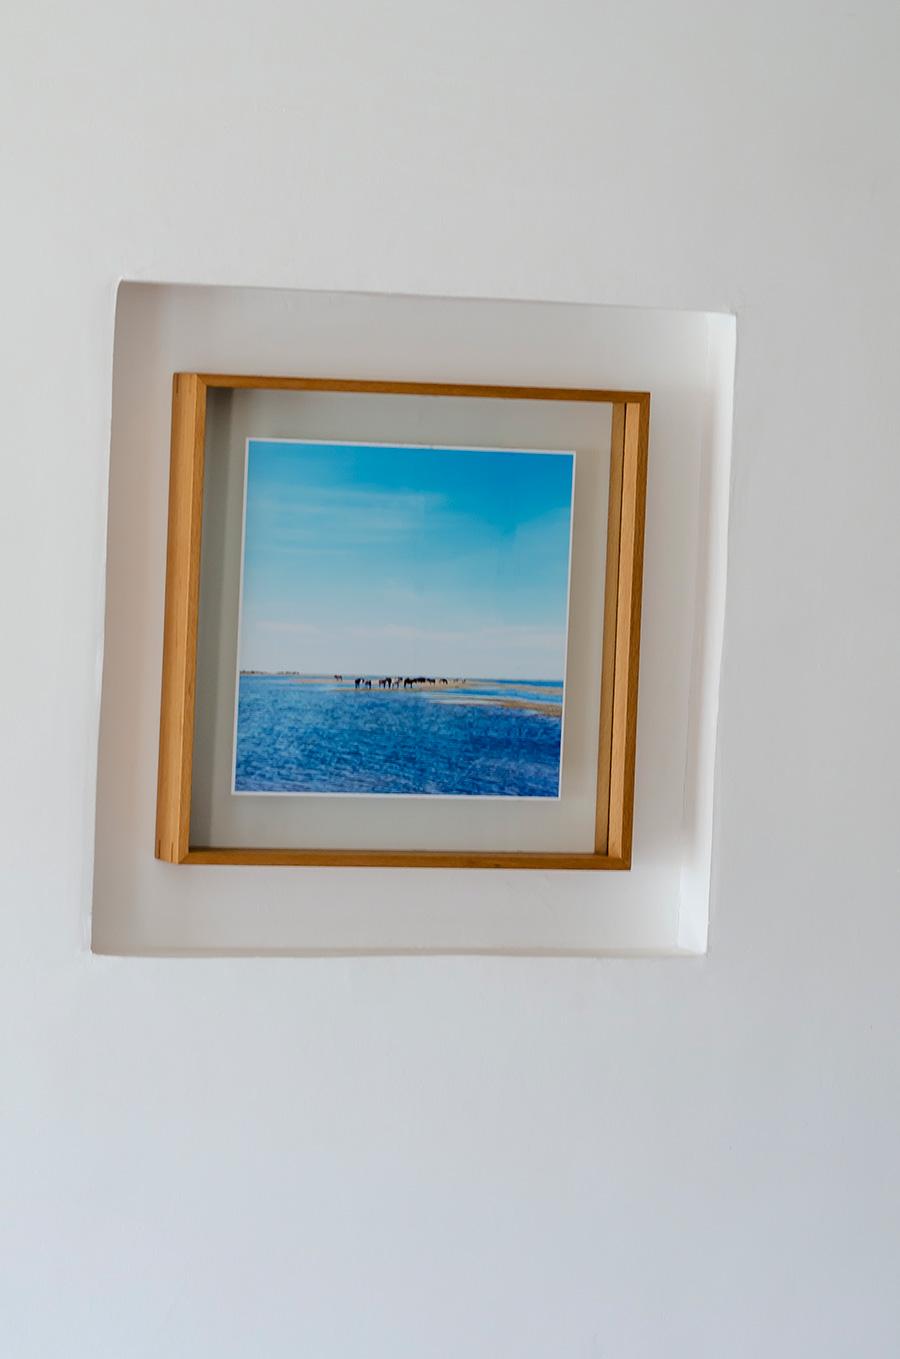 アートを飾るためニッチも設けた。オークションで購入した辻佐織氏の写真を飾る。